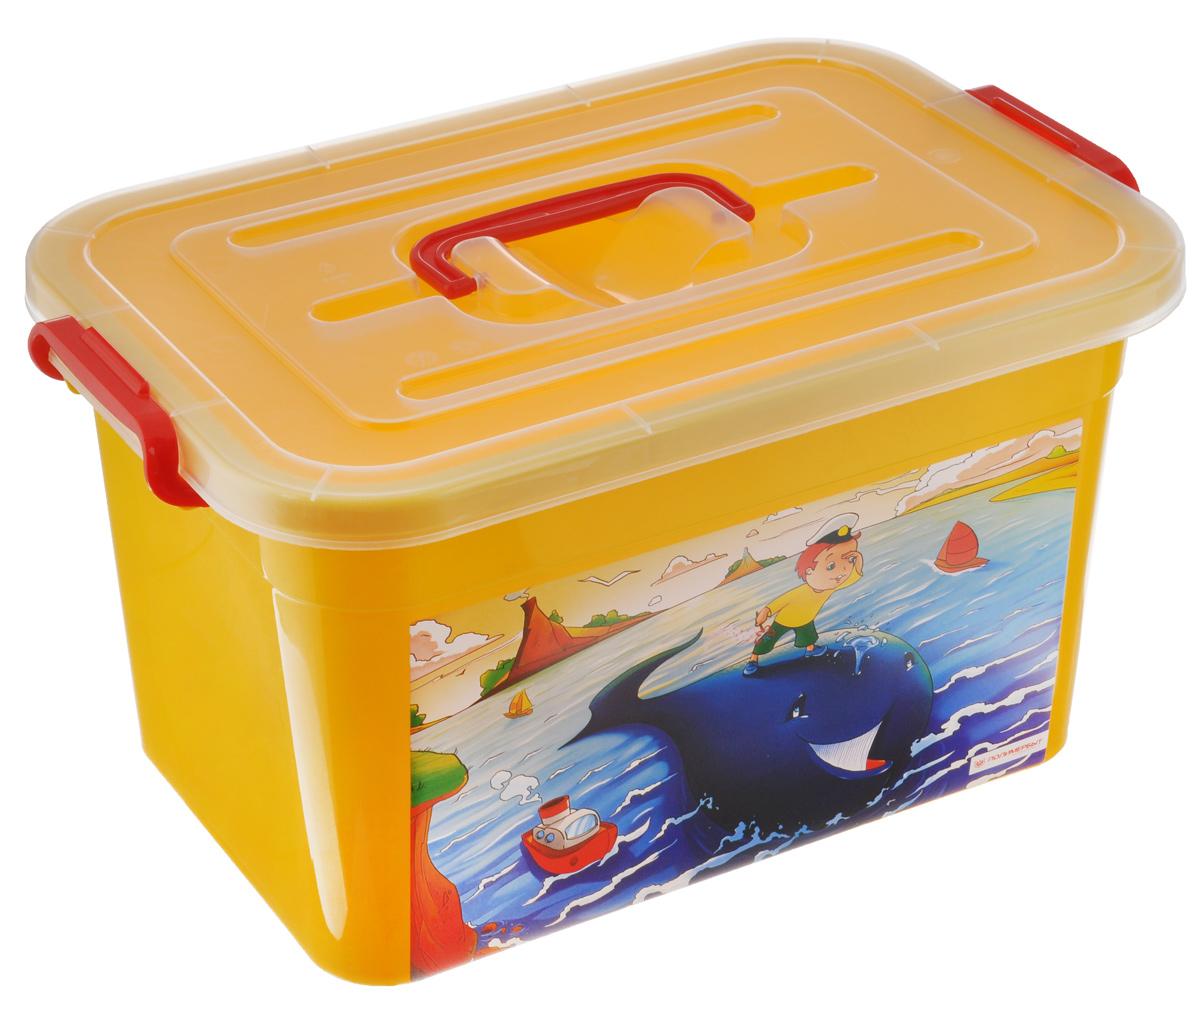 Ящик для игрушек Полимербыт Радуга, цвет: желтый, 10 л. С81001С49322Ящик для игрушек Полимербыт Радуга, выполненный из высококачественного цветного пластика, декорирован красочным изображением. Для удобства переноски сверху имеется ручка. Изделие плотно закрывается крышкой с защелками. Ящик для игрушек Полимербыт Радуга очень вместителен и поможет вам хранить все необходимое в одном месте.